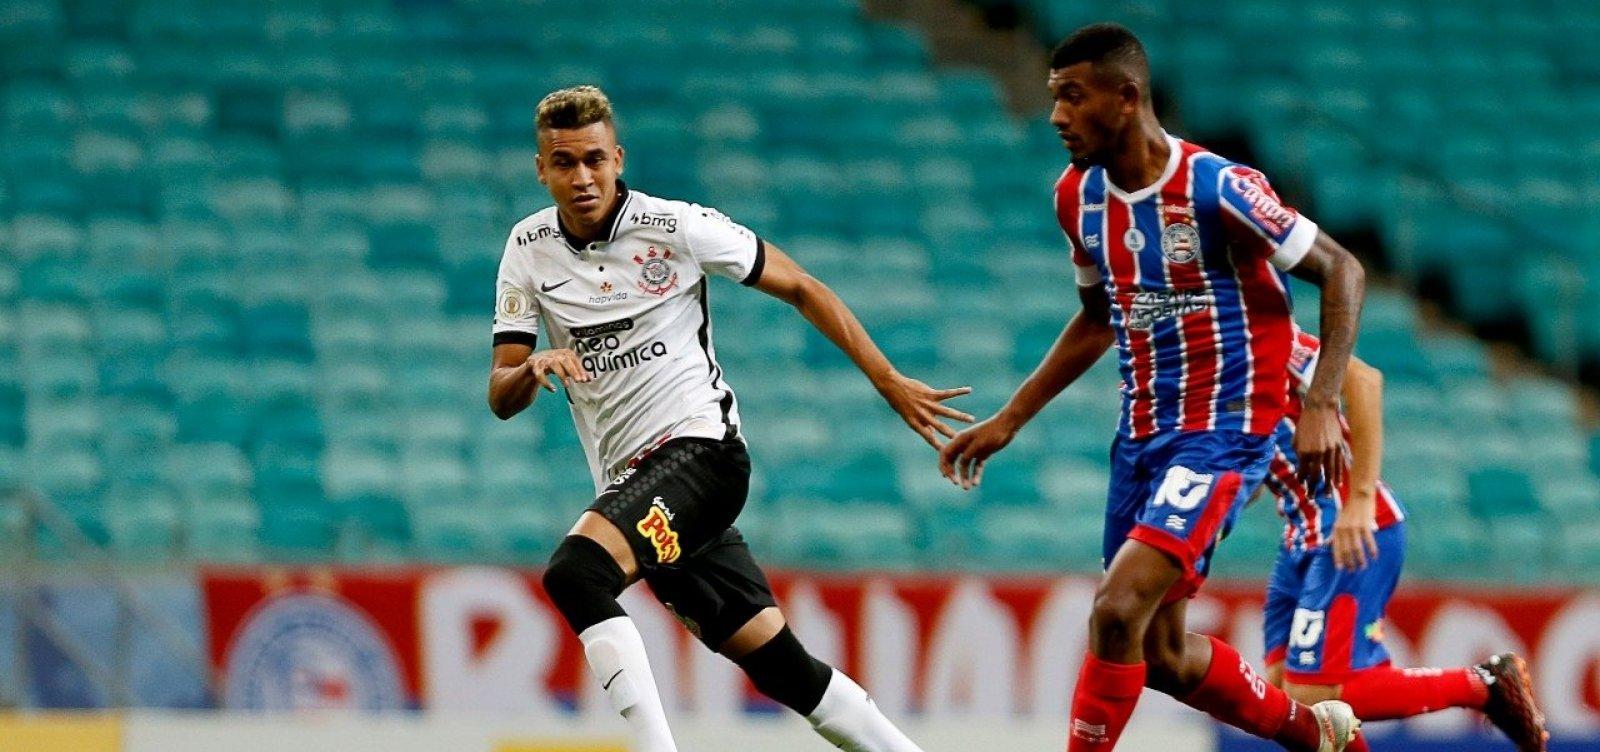 Bahia vence o Corinthians na Fonte Nova e respira fora do Z-4